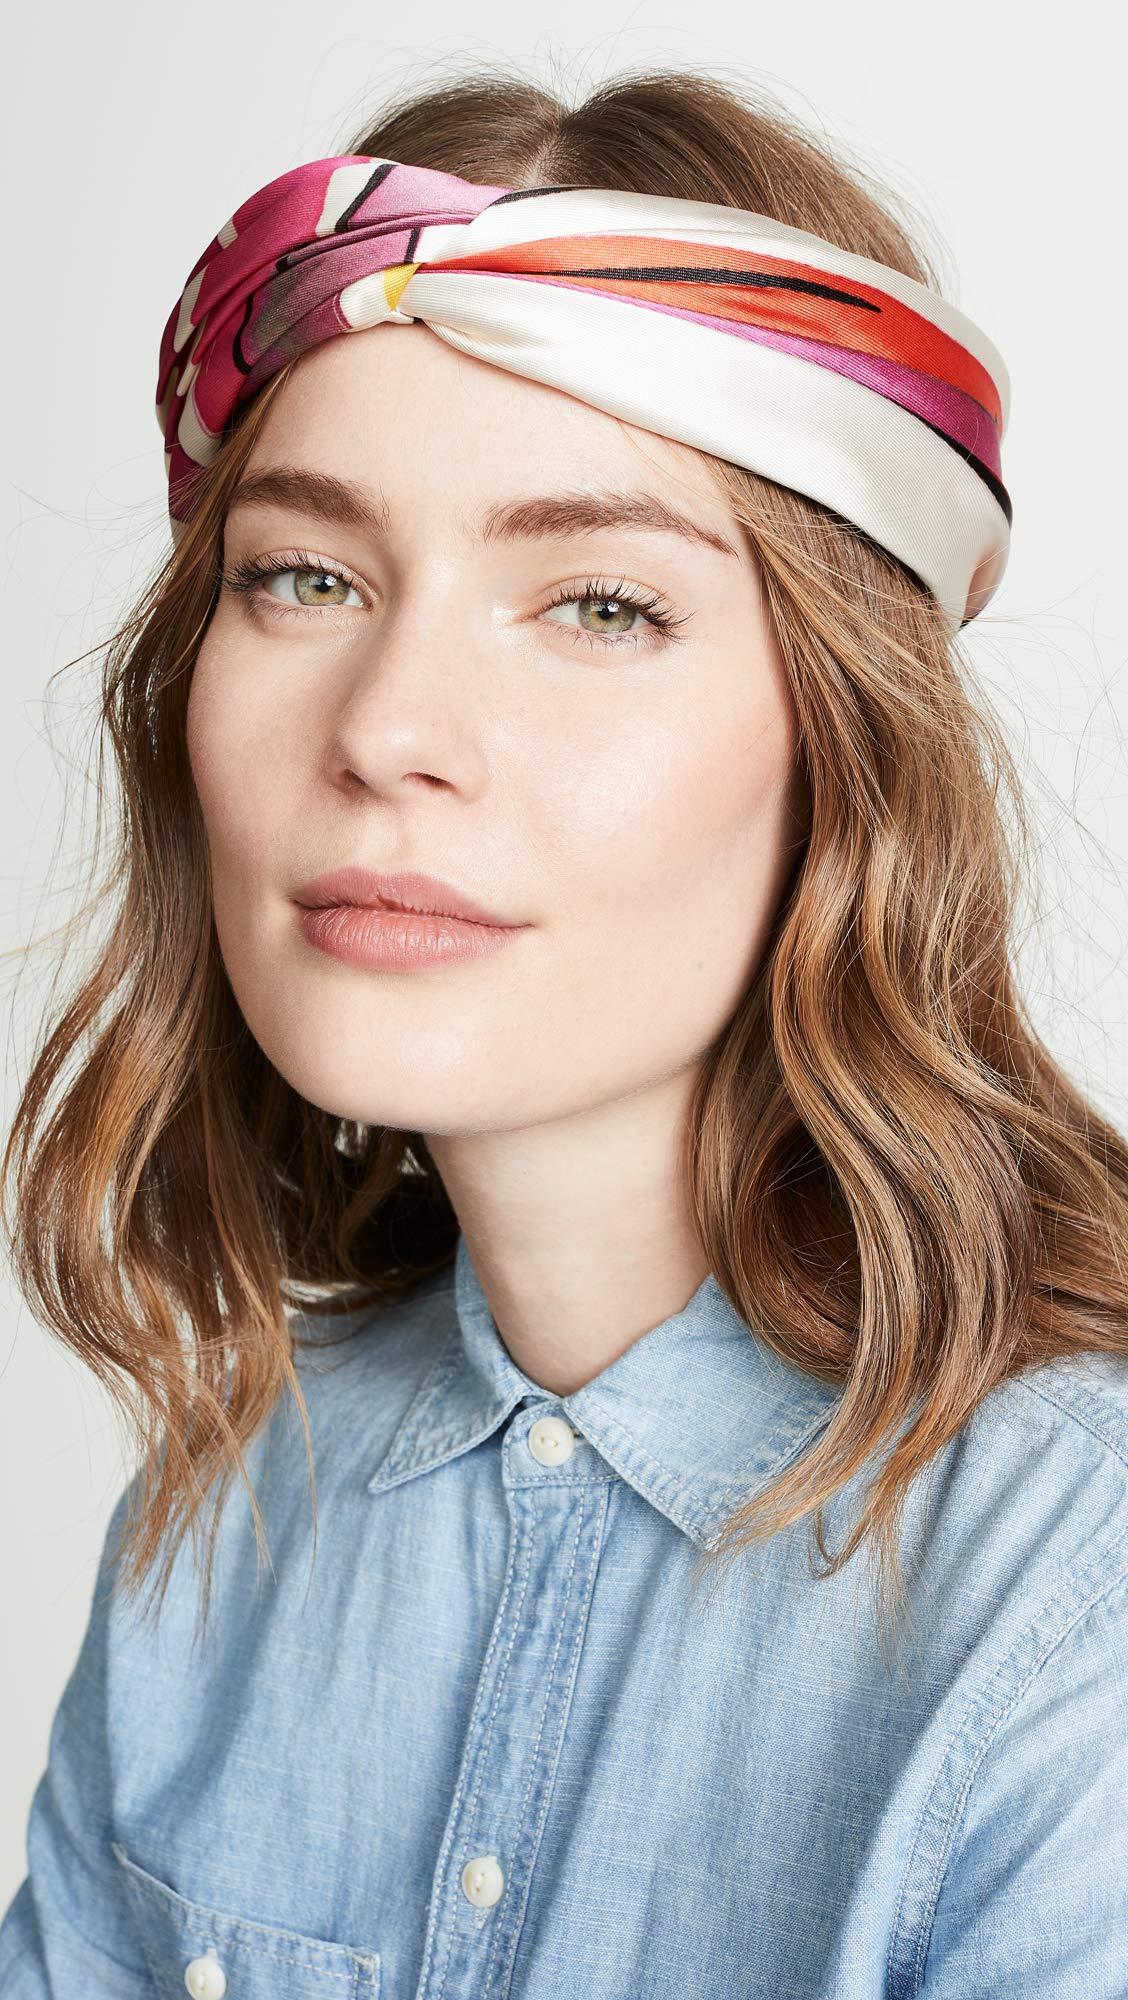 Eugenia Kim Women's Malia Headband, Pink/Red, One Size by Eugenia Kim (Image #3)